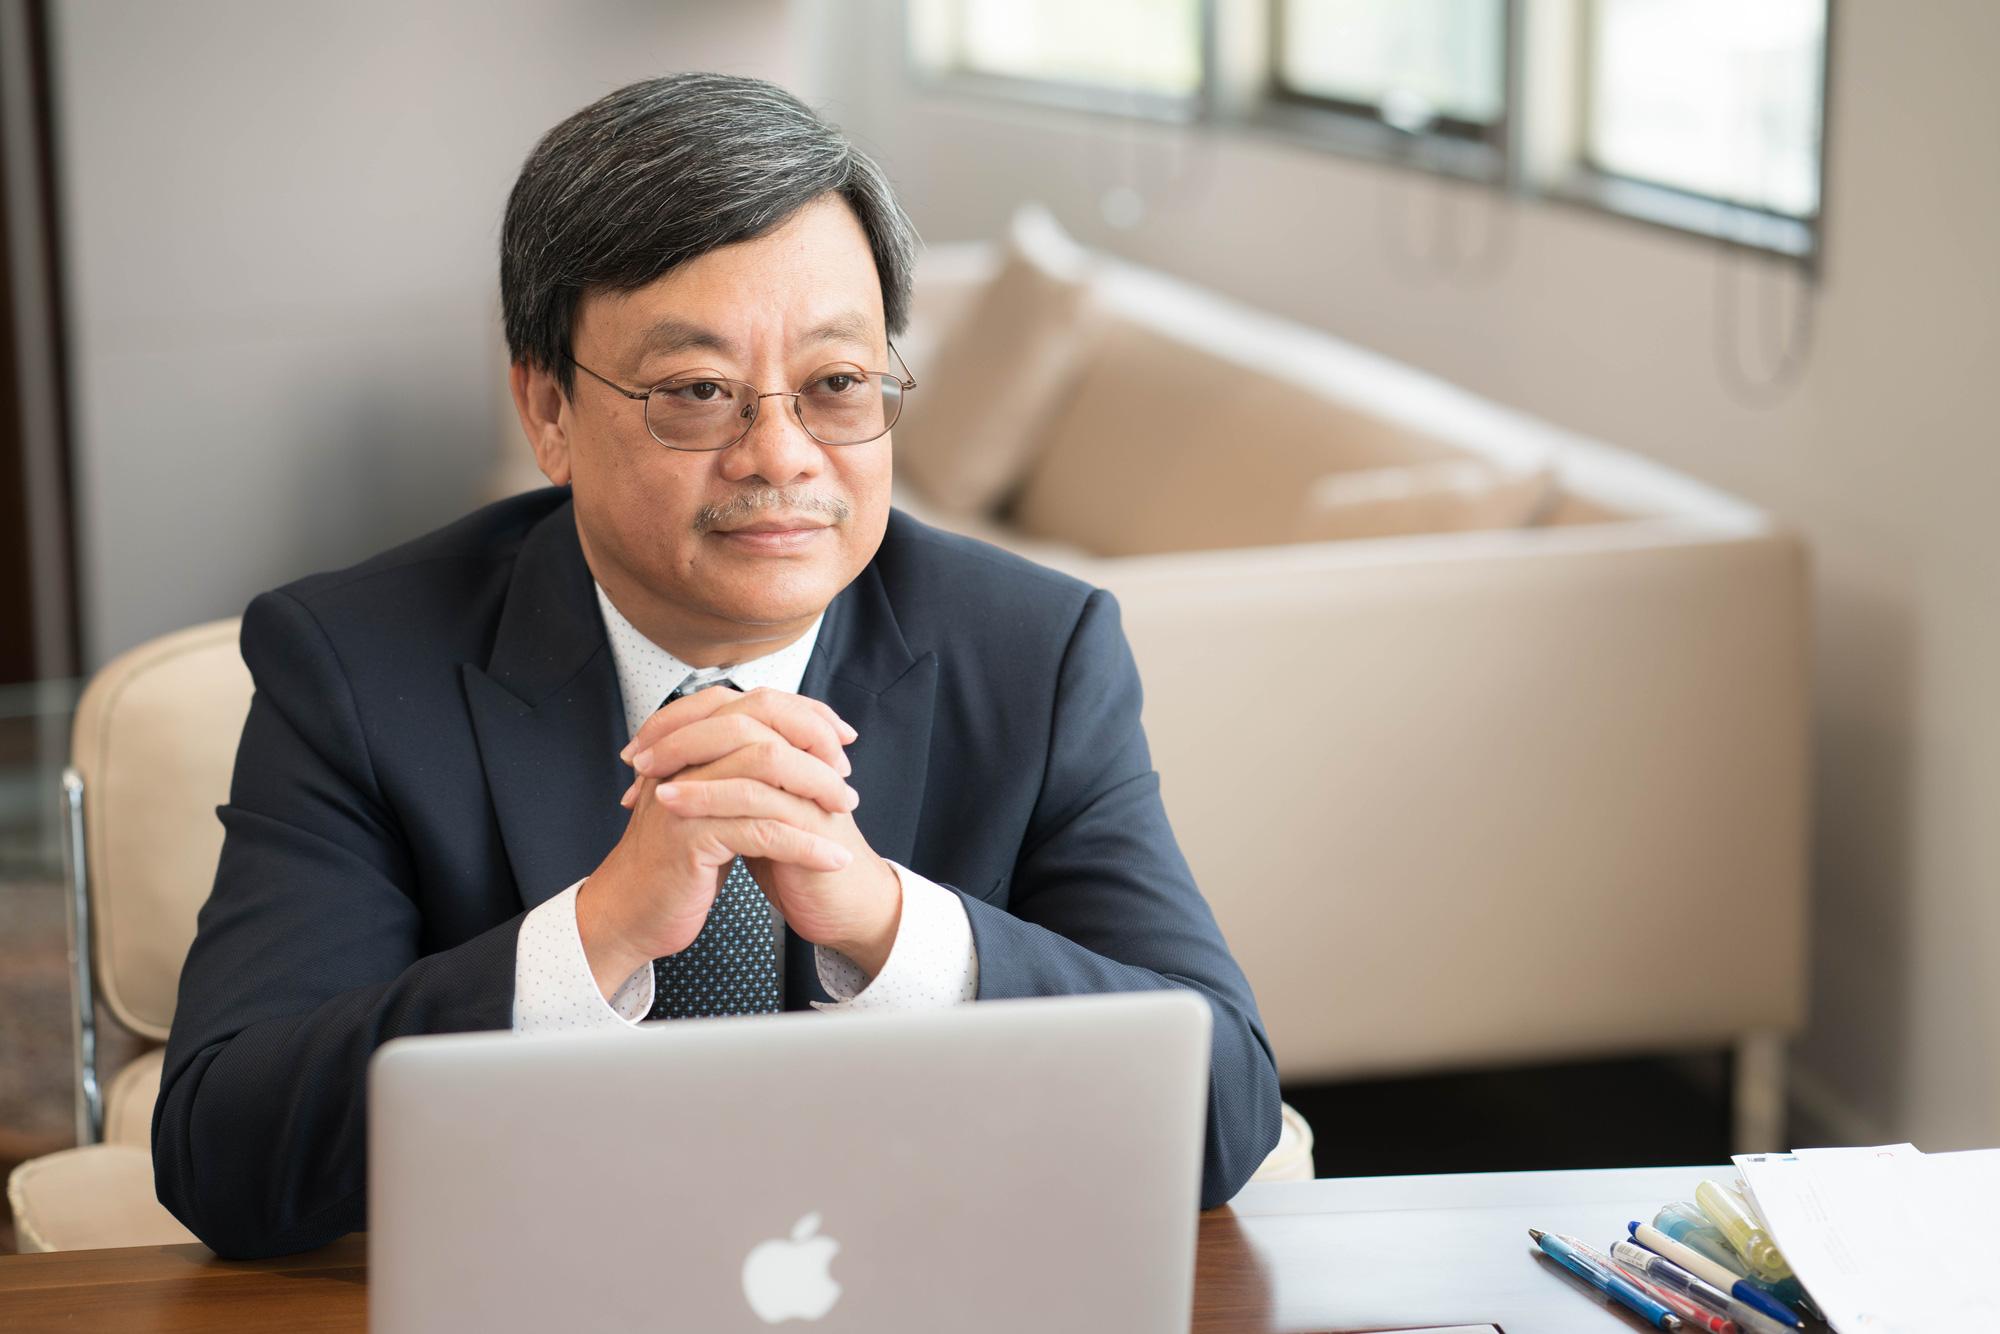 Chủ tịch Masan Group: Chống dịch cũng giống như đá bóng khi trời mưa to, muốn giành chiến thắng vừa phải phòng thủ thật chặt, nhưng hàng công cũng phải sẵn sàng - Ảnh 1.